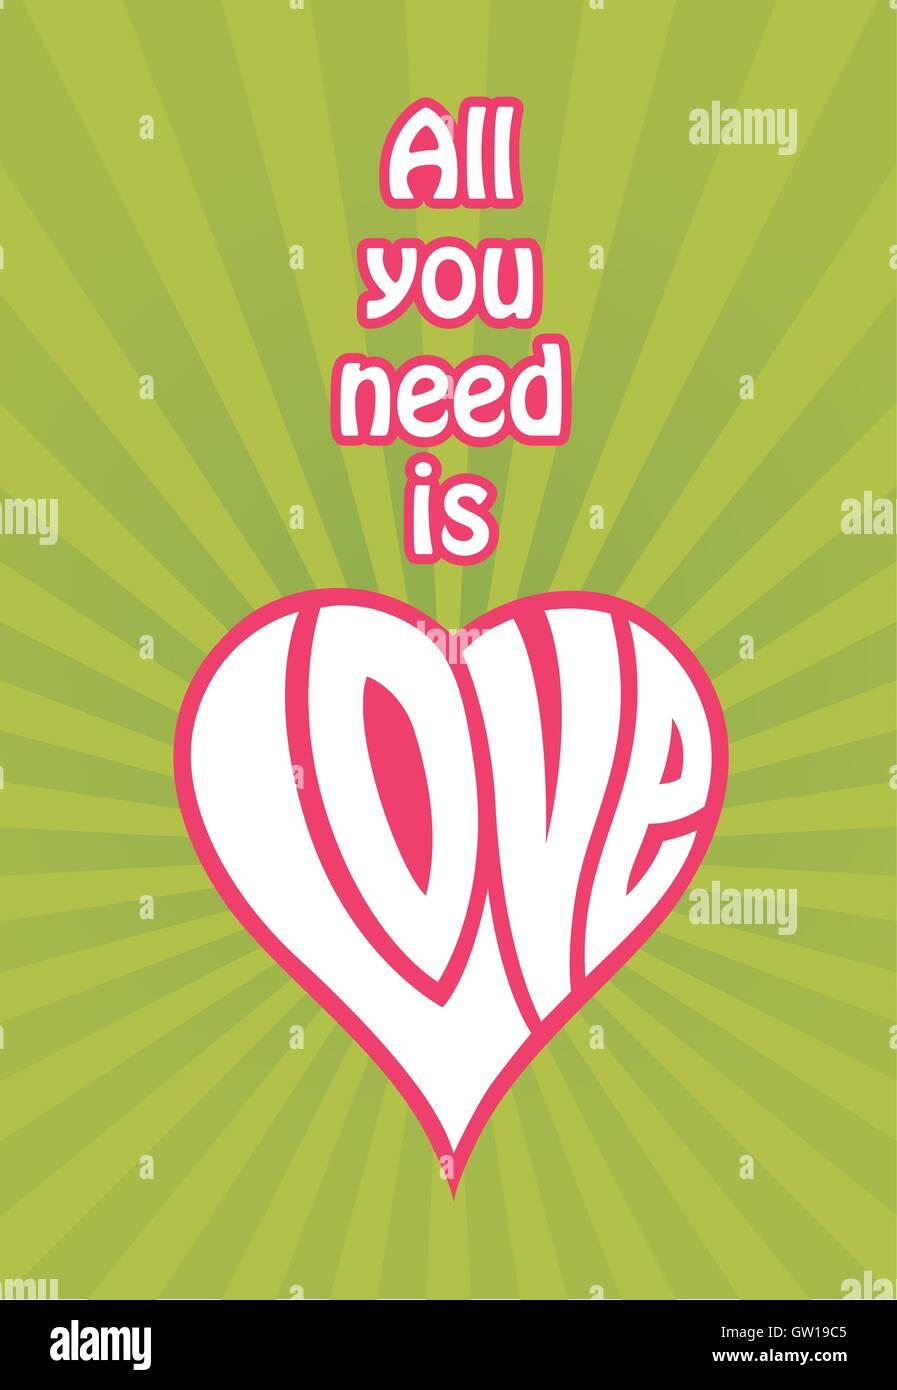 Todo lo que necesitas es amor de diseño vectorial. Forma de corazón personalizada con letras de la palabra AMOR. Retro groovy radial de fondo. Día de San Valentín. Ilustración del Vector